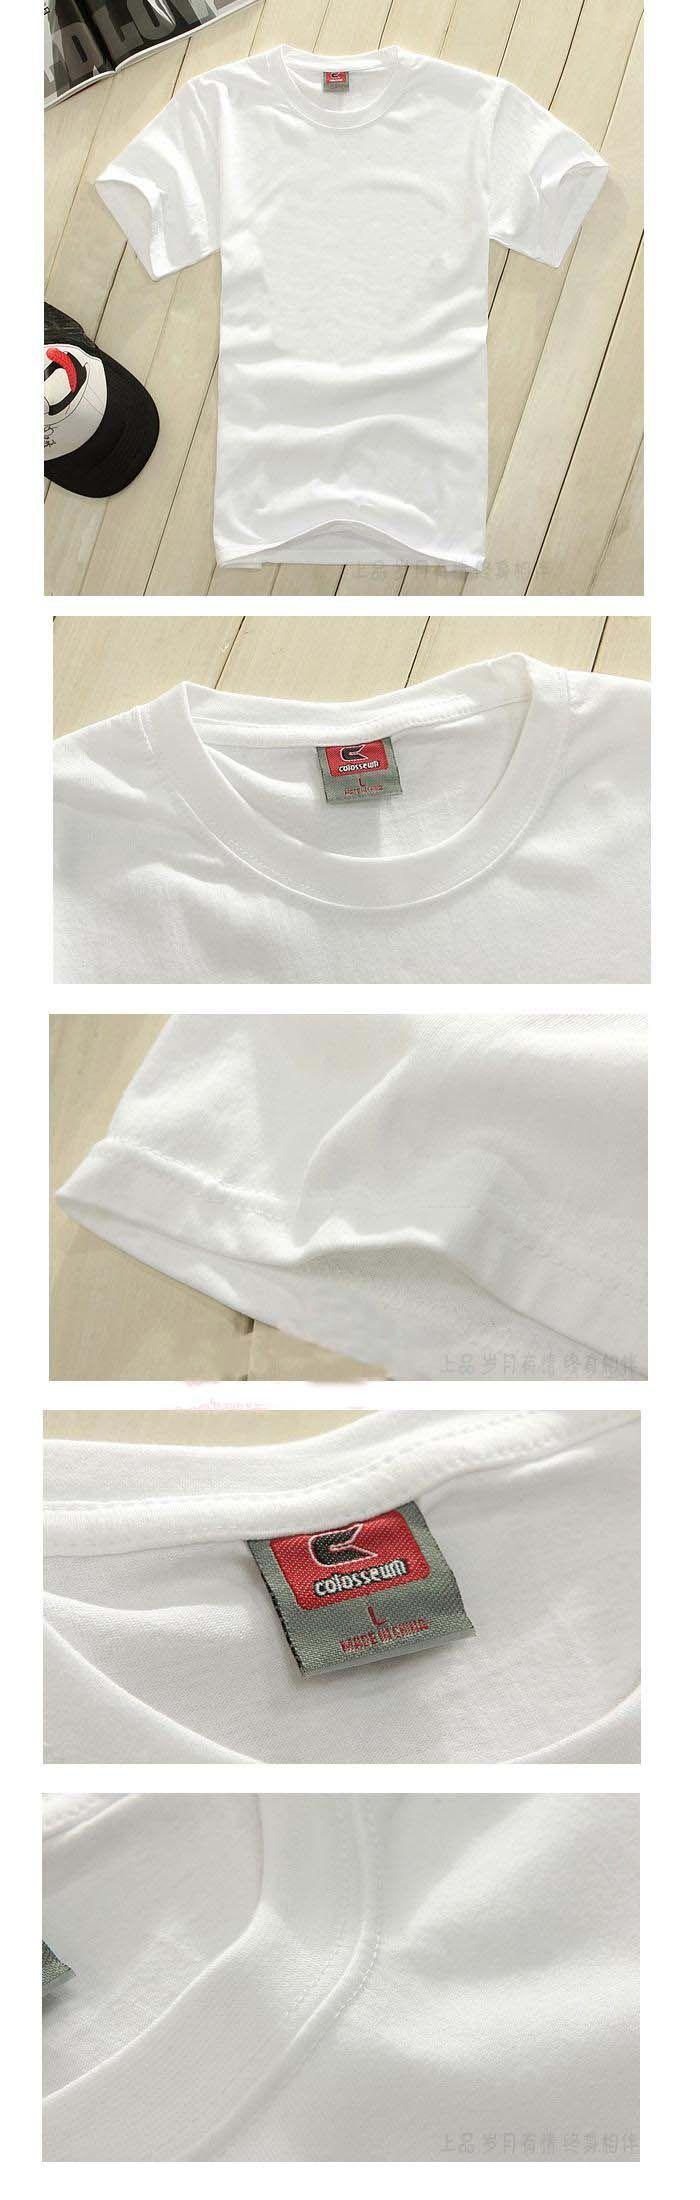 Чистый белый хлопок шею с коротким рукавом белая футболка класса обслуживания DIY ручная роспись футболки оптом полиграфической деятельности одежды - Taobao